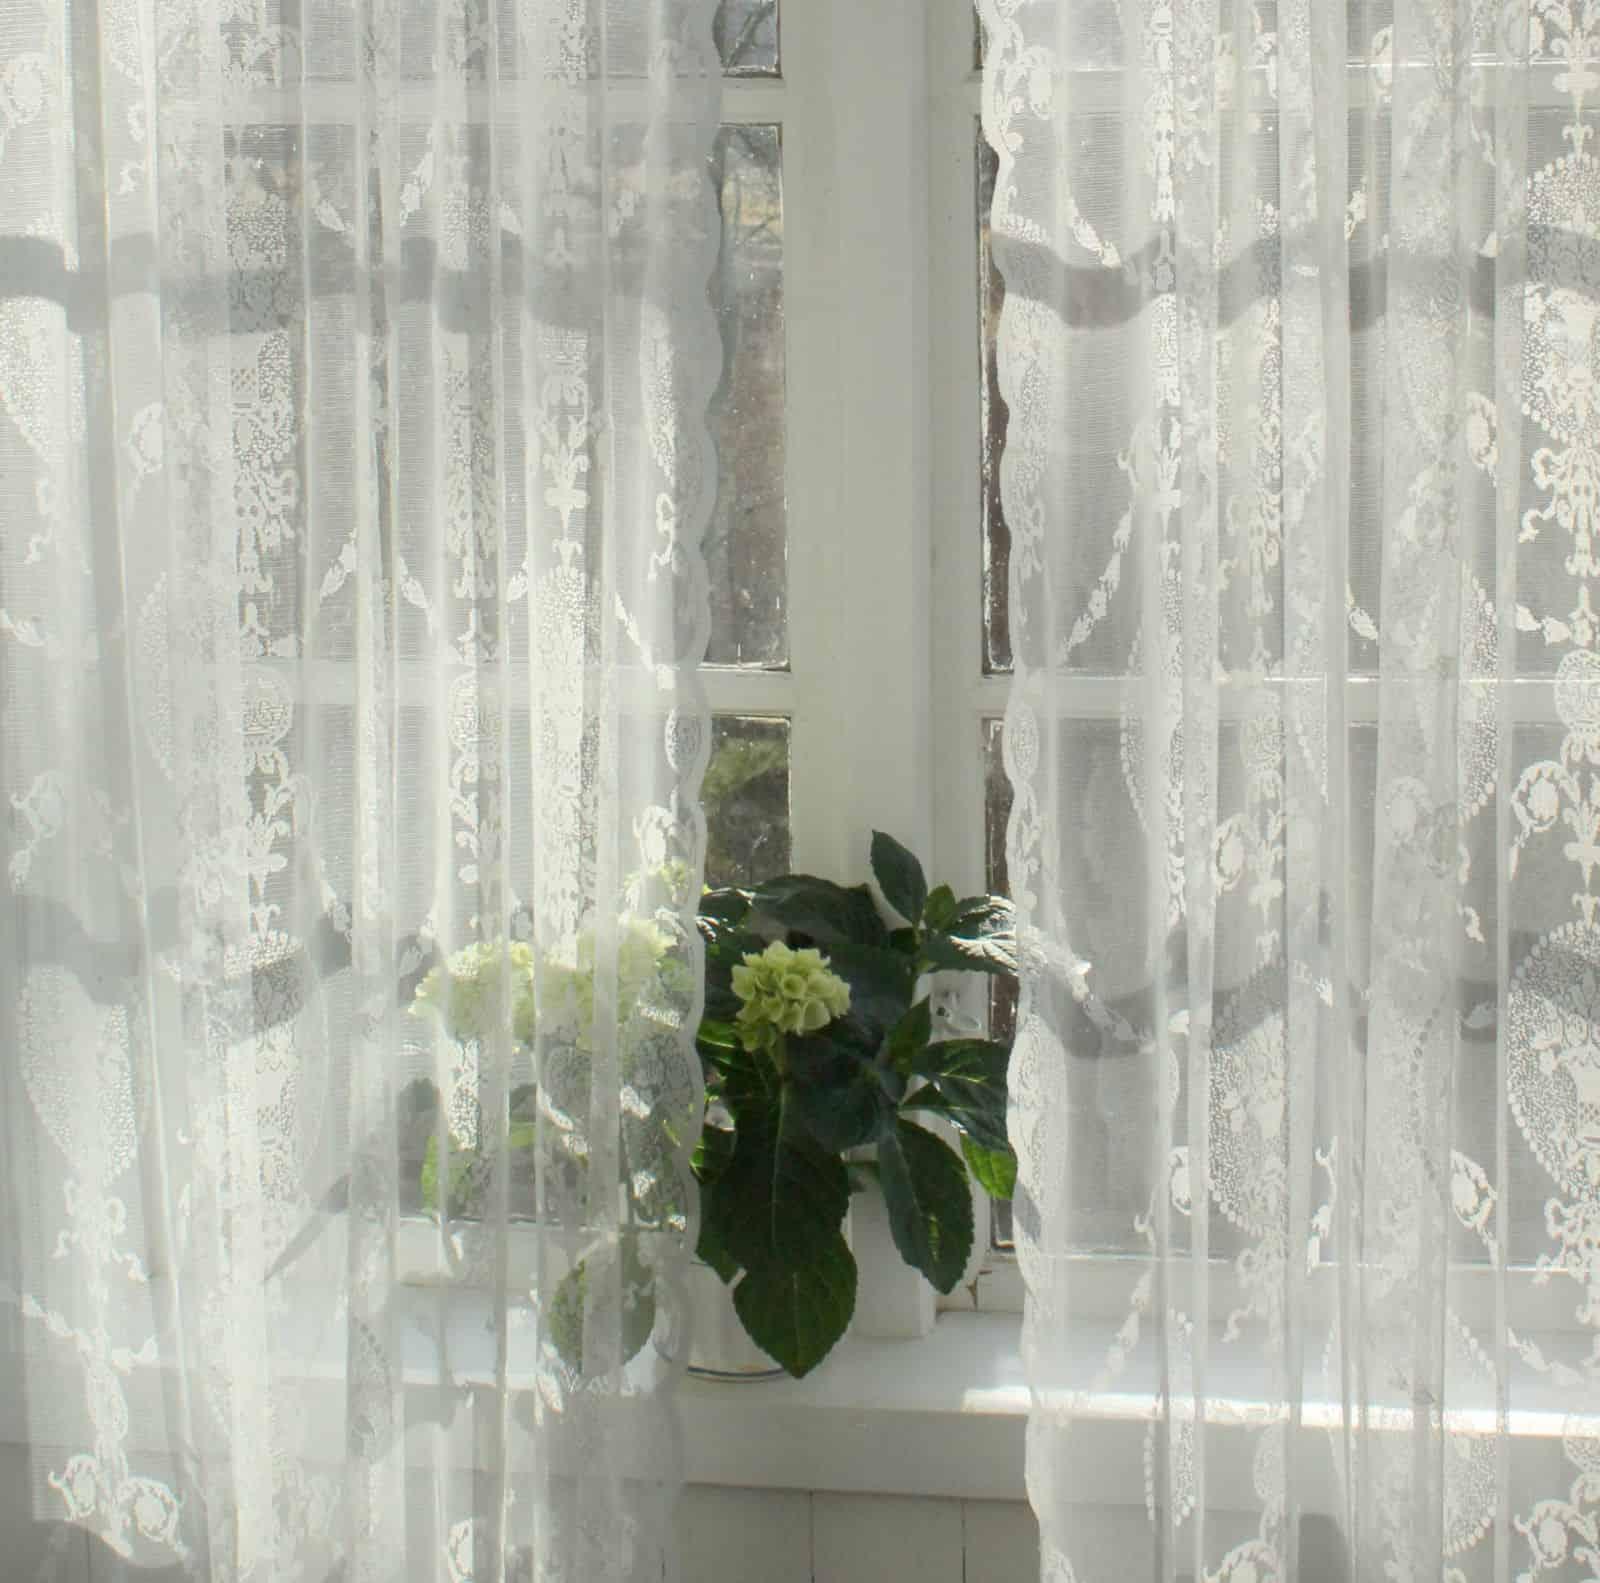 Full Size of Landhaus Gardinen Vorhang Avery Offwhite Spitzen Gardine Shabby Wohnzimmer Landhausküche Weiß Küche Weisse Gebraucht Schlafzimmer Landhausstil Wohnzimmer Landhaus Gardinen